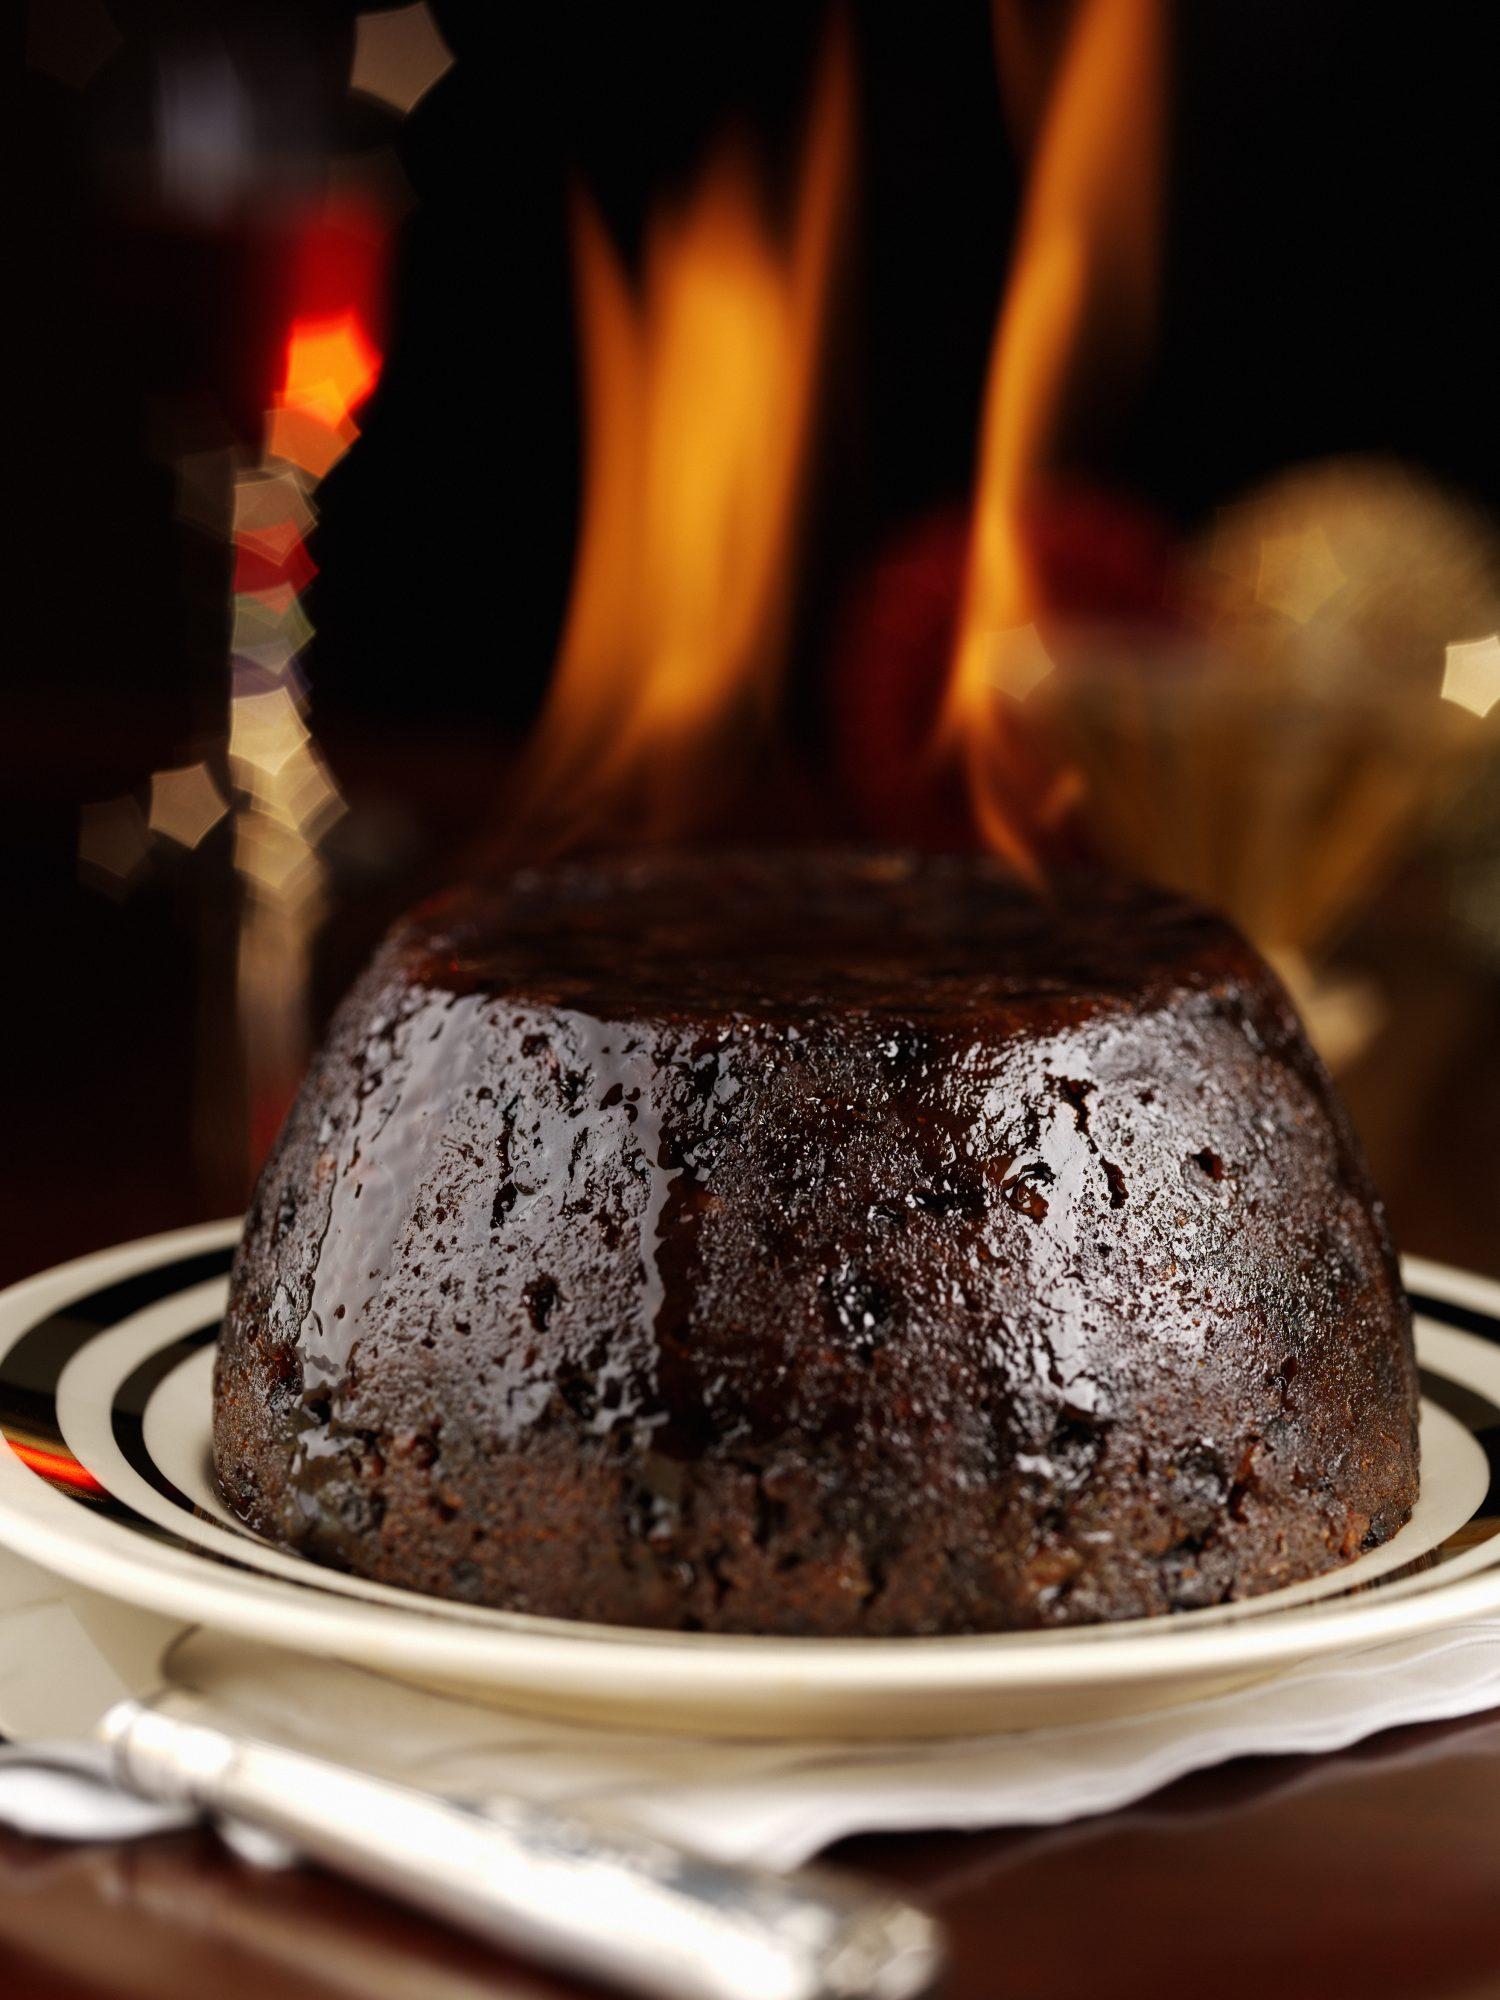 Flambe Chocolate Cake